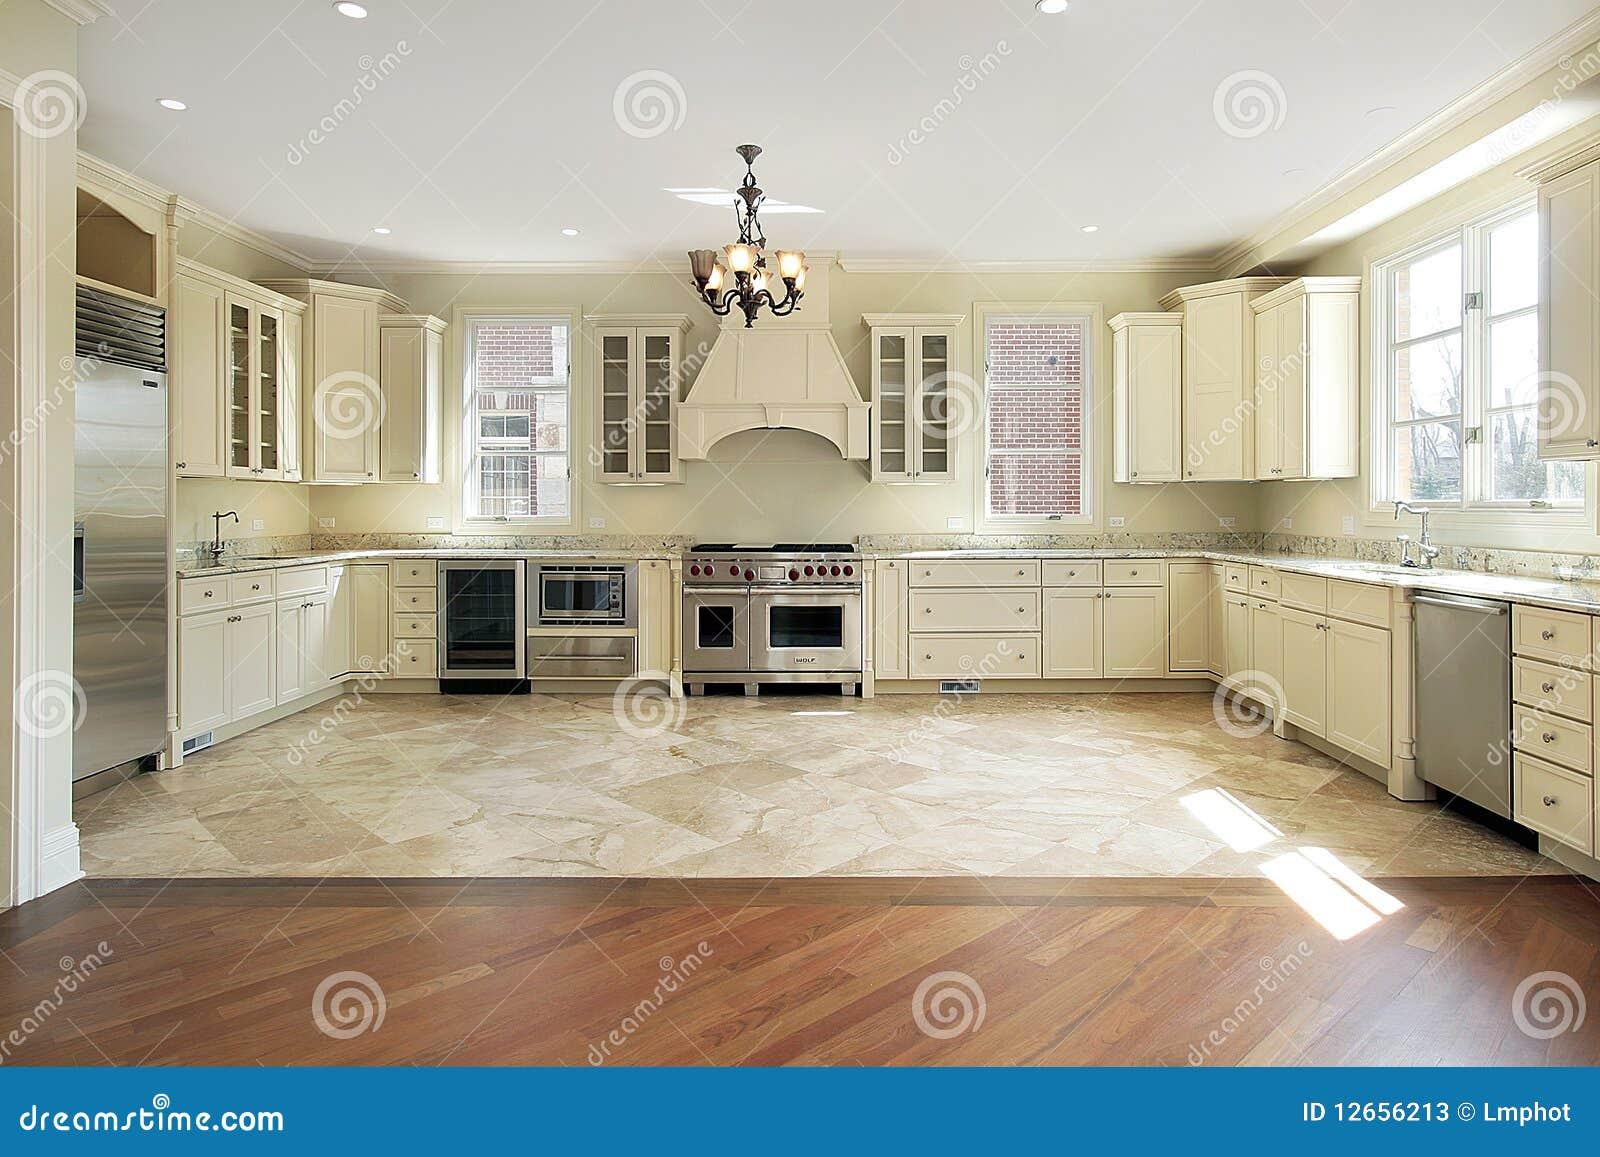 Large Luxury New Construction Kitchen Stock Image Image